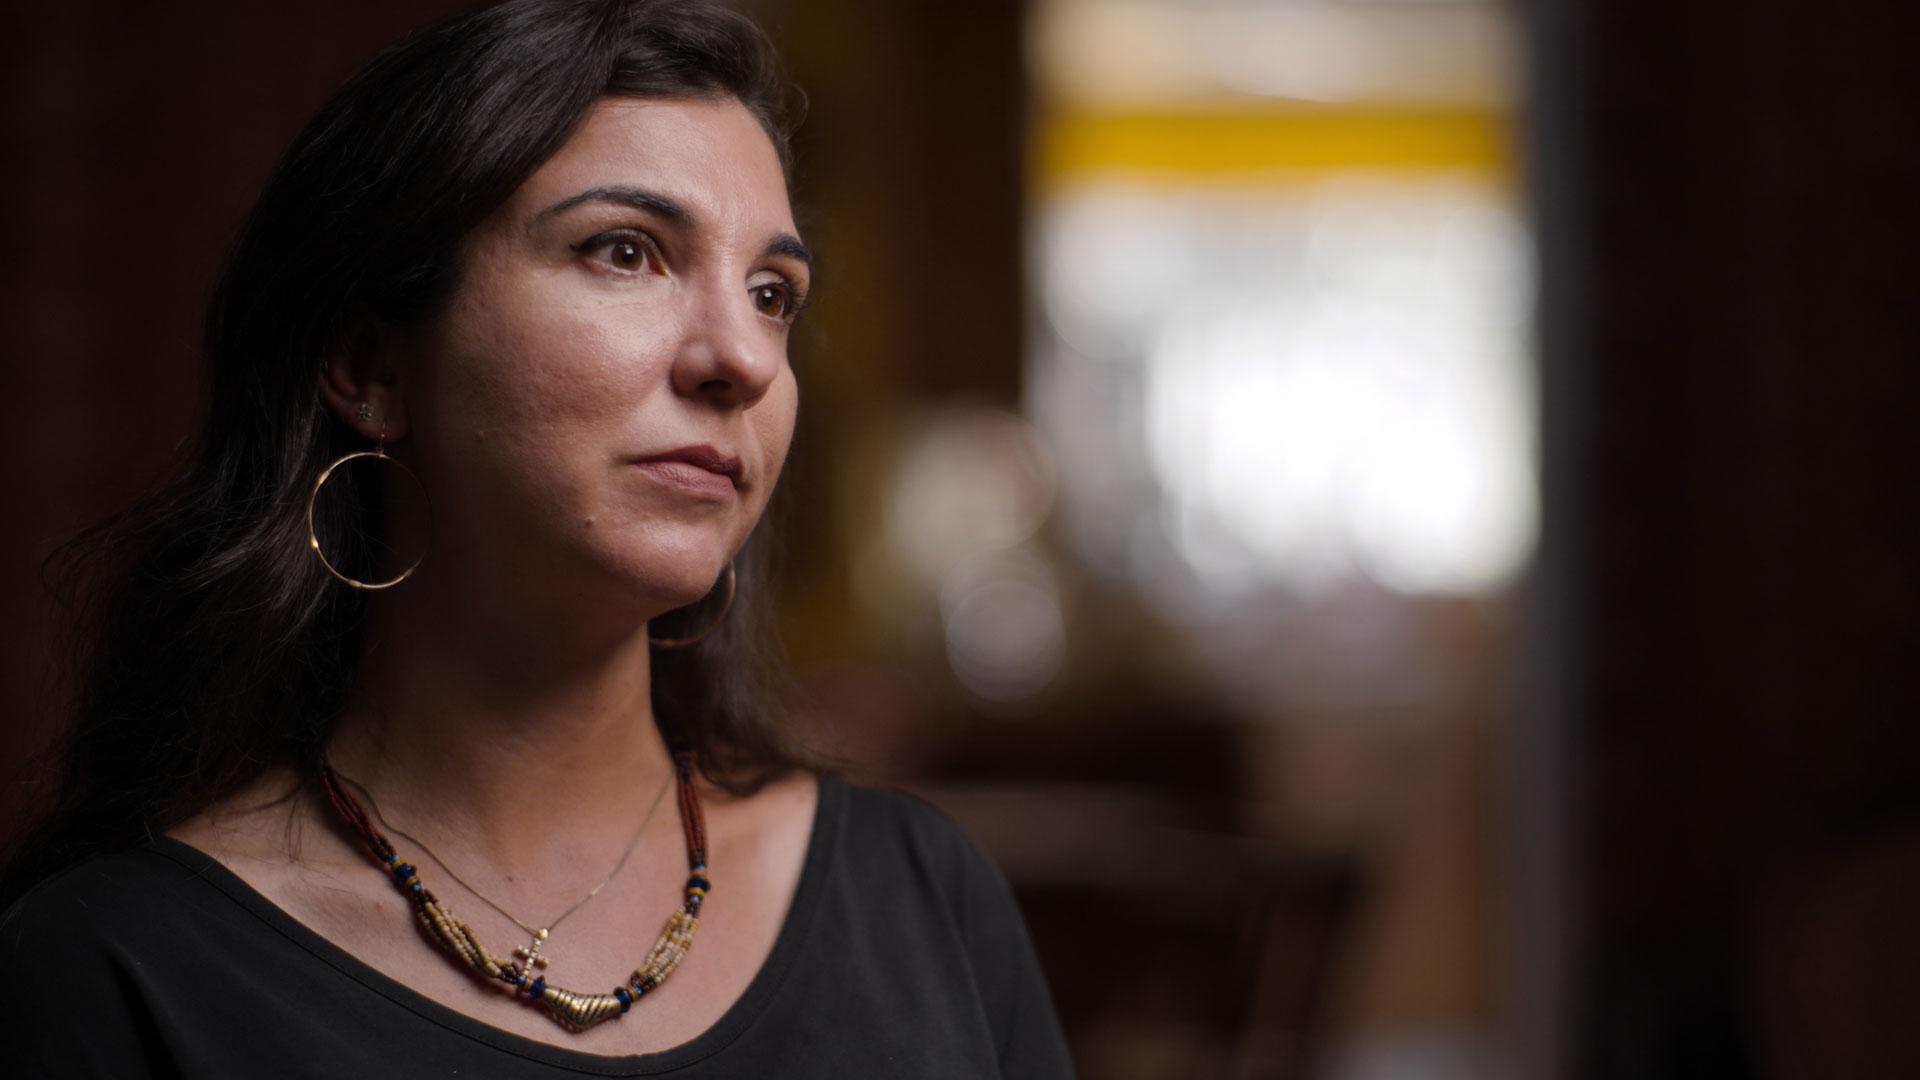 Anastasia Hronas spricht in der Netflix-Doku über den Night Stalker